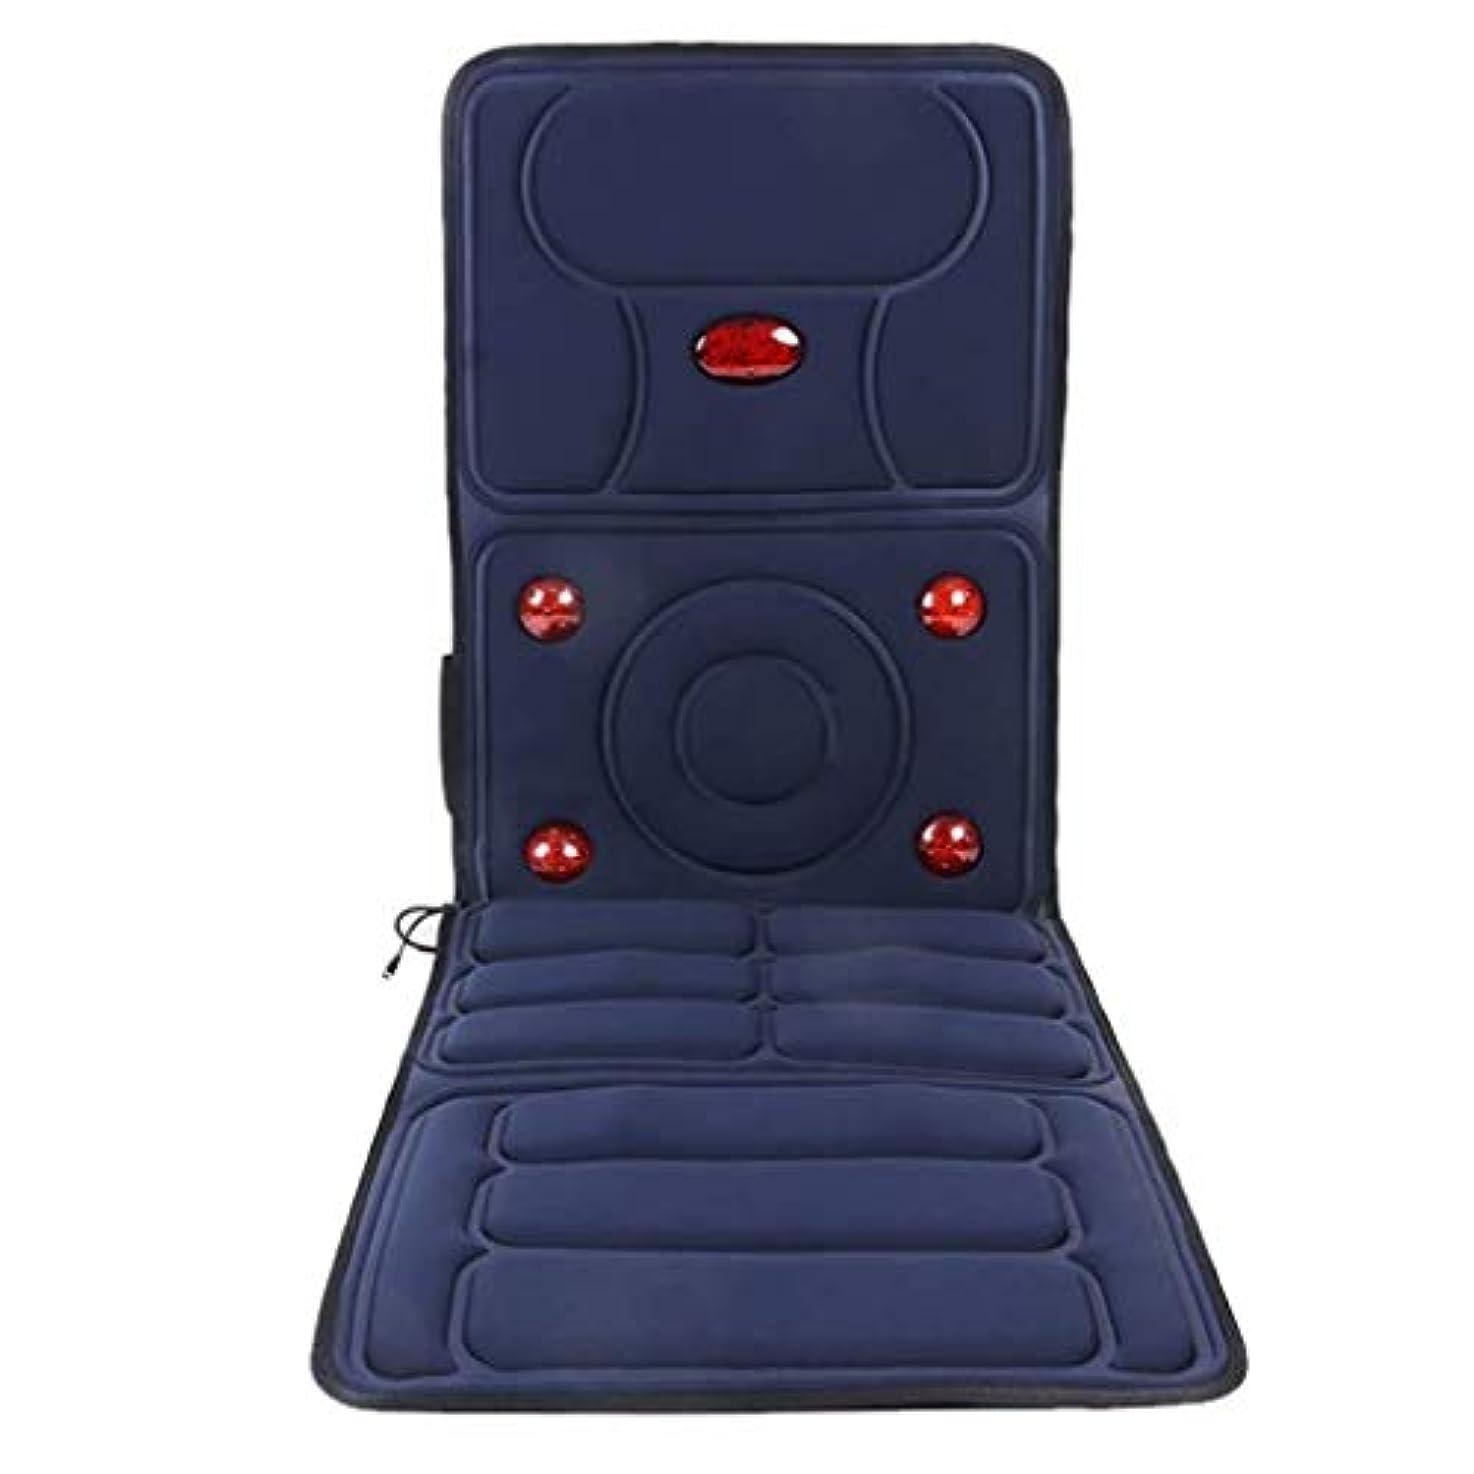 アジアレオナルドダコントローラマッサージクッション、電動マッサージクッション、遠赤外線/加熱セラピー、バックの首の圧力を軽減、ベッド、ホーム/オフィス/車の使用